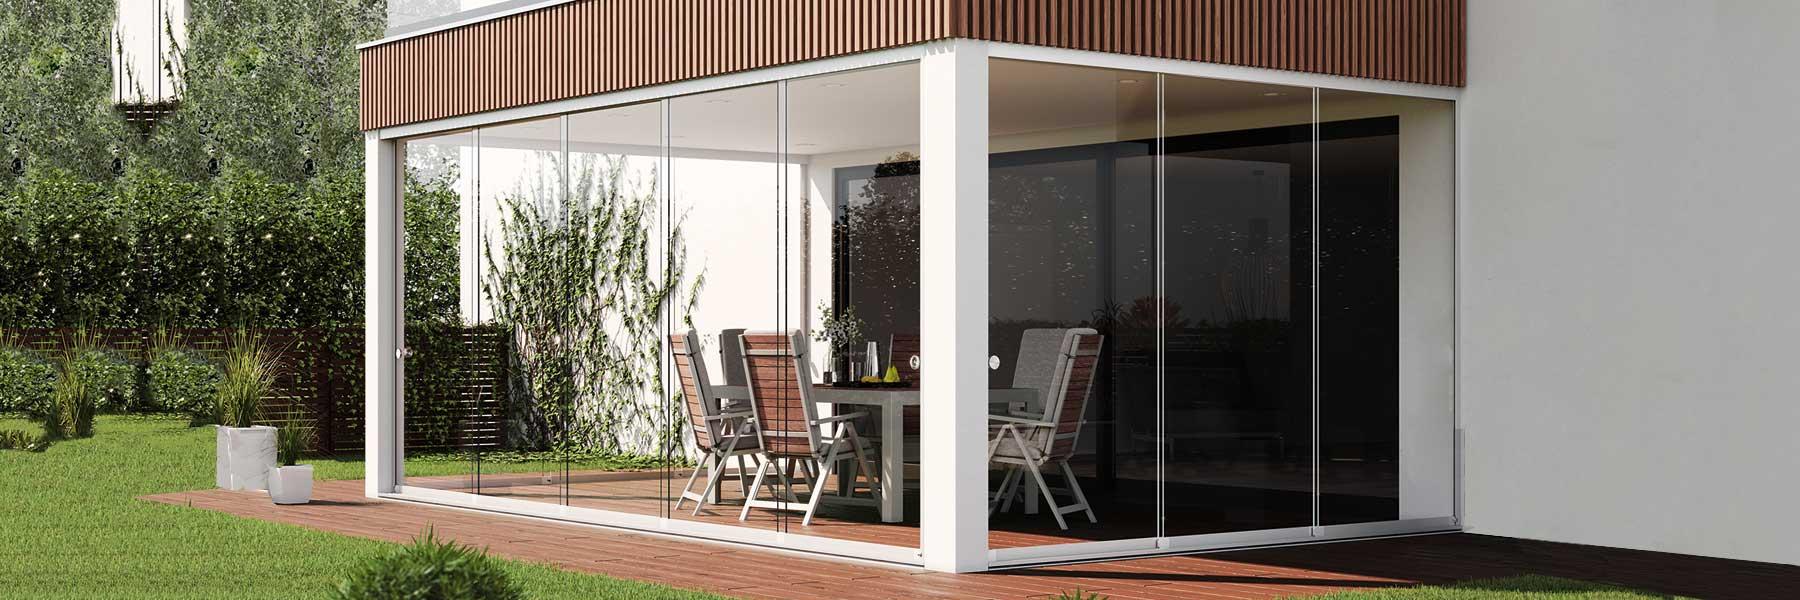 Slider Vitris Atrivant 80 Balkonschiebewand Glasschiebetürbeschlag Mit Endlagendämpfung Und Gedämpfter Flügelmitnahme Balkonanlagen Terrassenanlagen